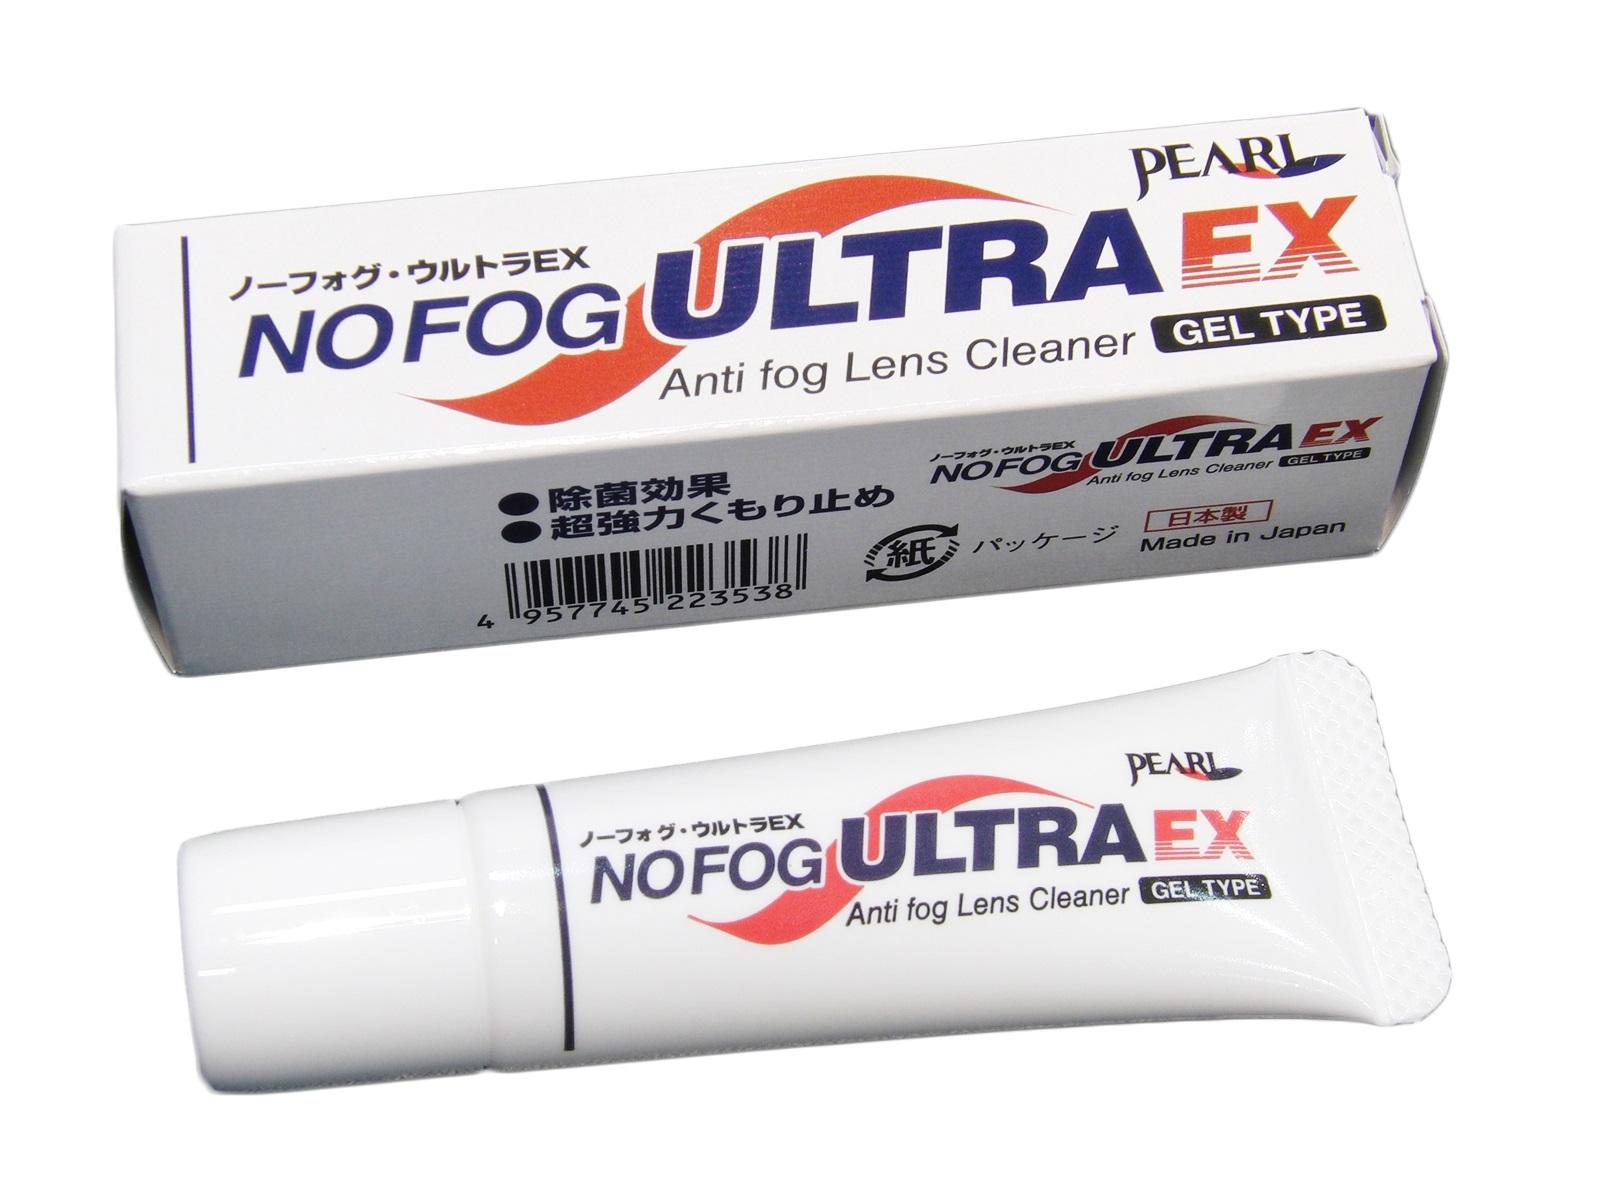 No Fog Ultra Ex ノーフォグウルトラex 超強力くもり止めメール便対応